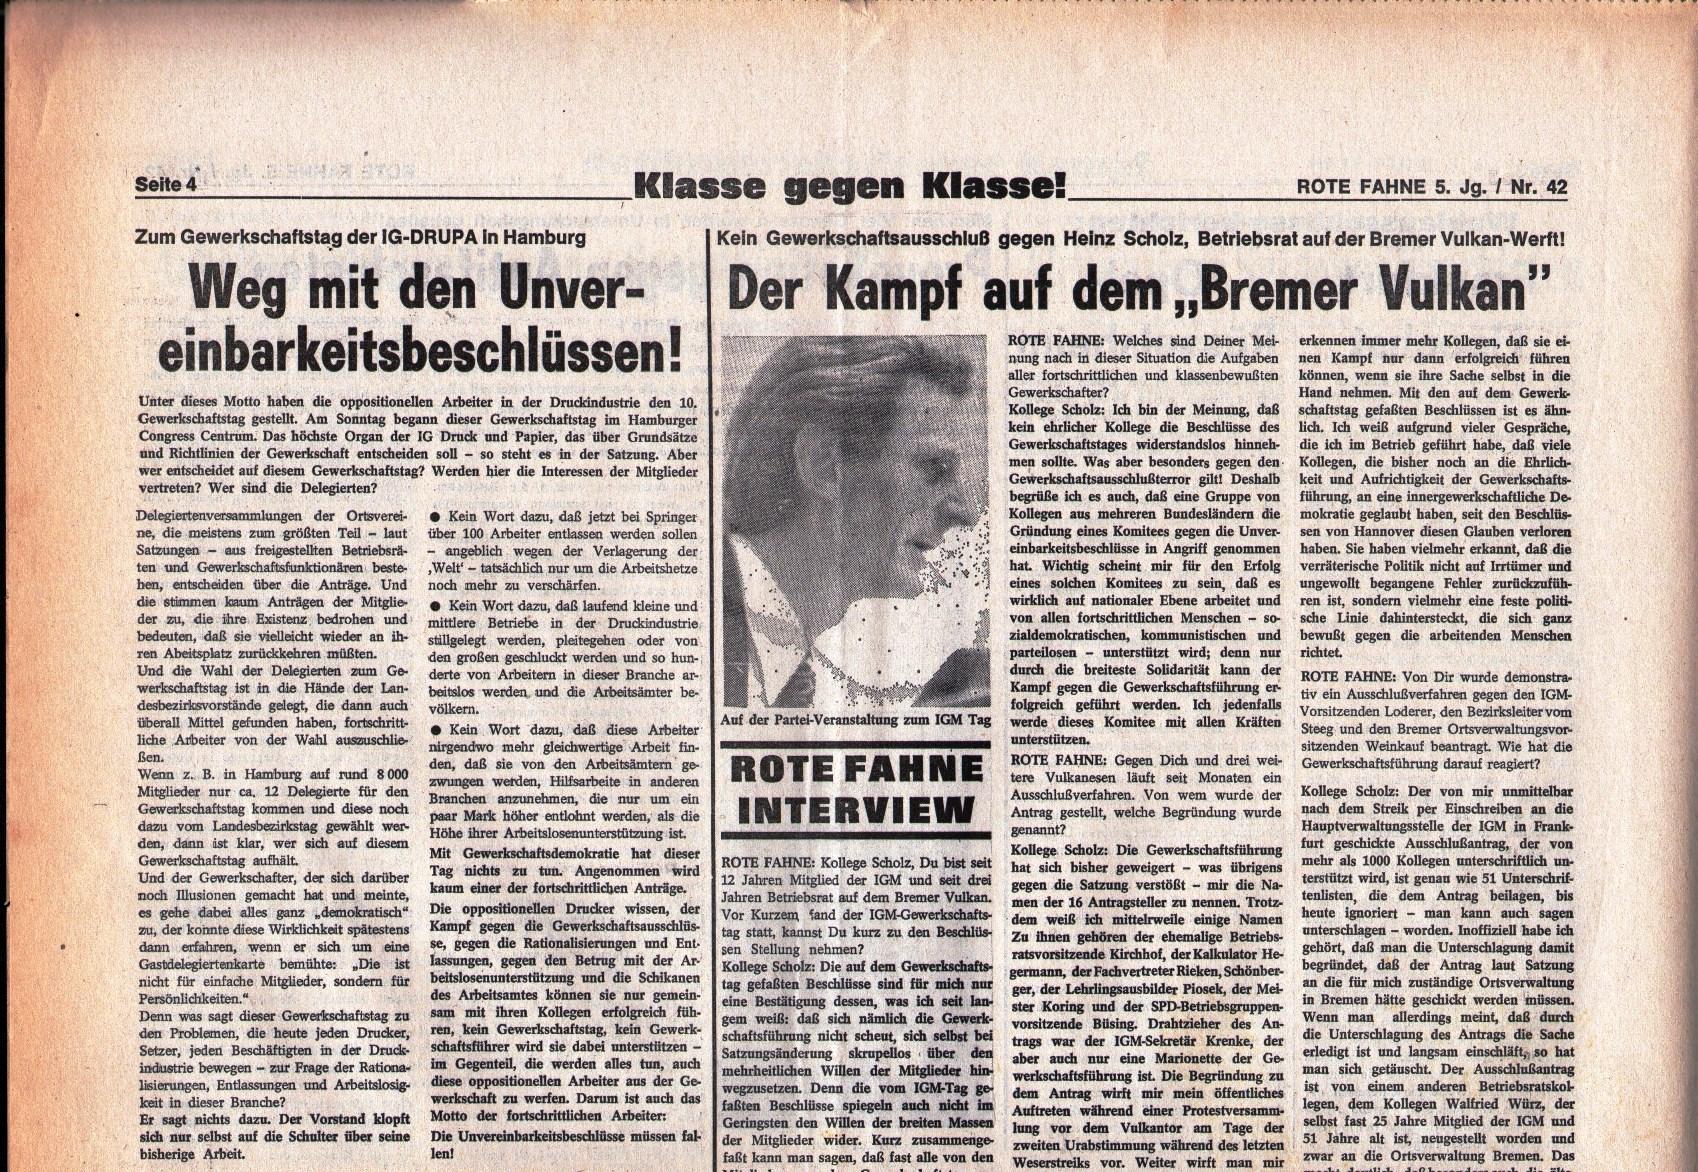 KPD_Rote_Fahne_1974_42_07